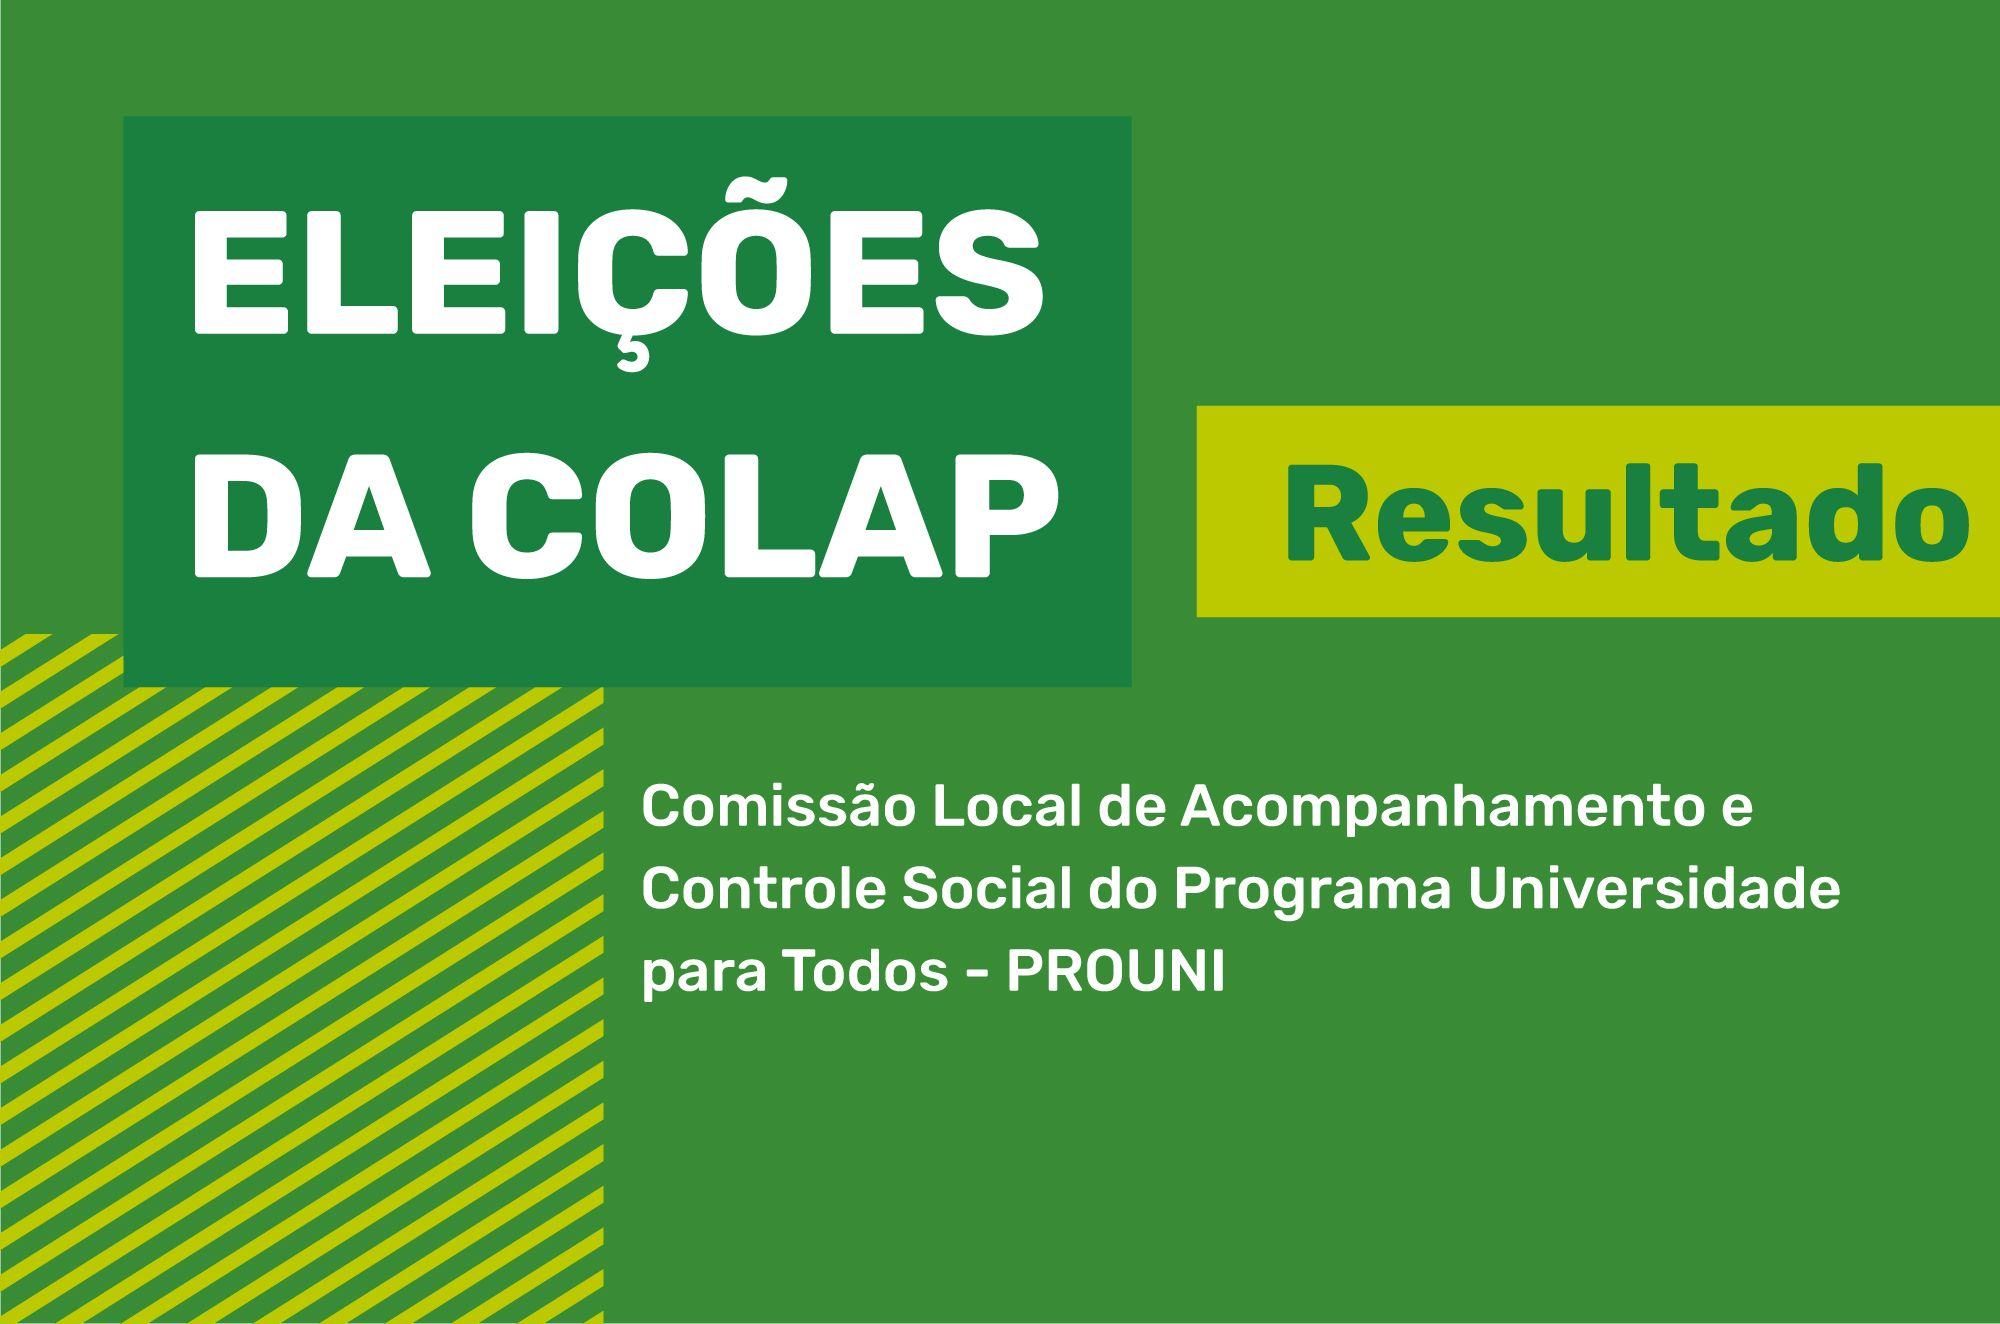 Resultado das ELEIÇÕES COLAP biênio 2020/2021 e 2021/2022